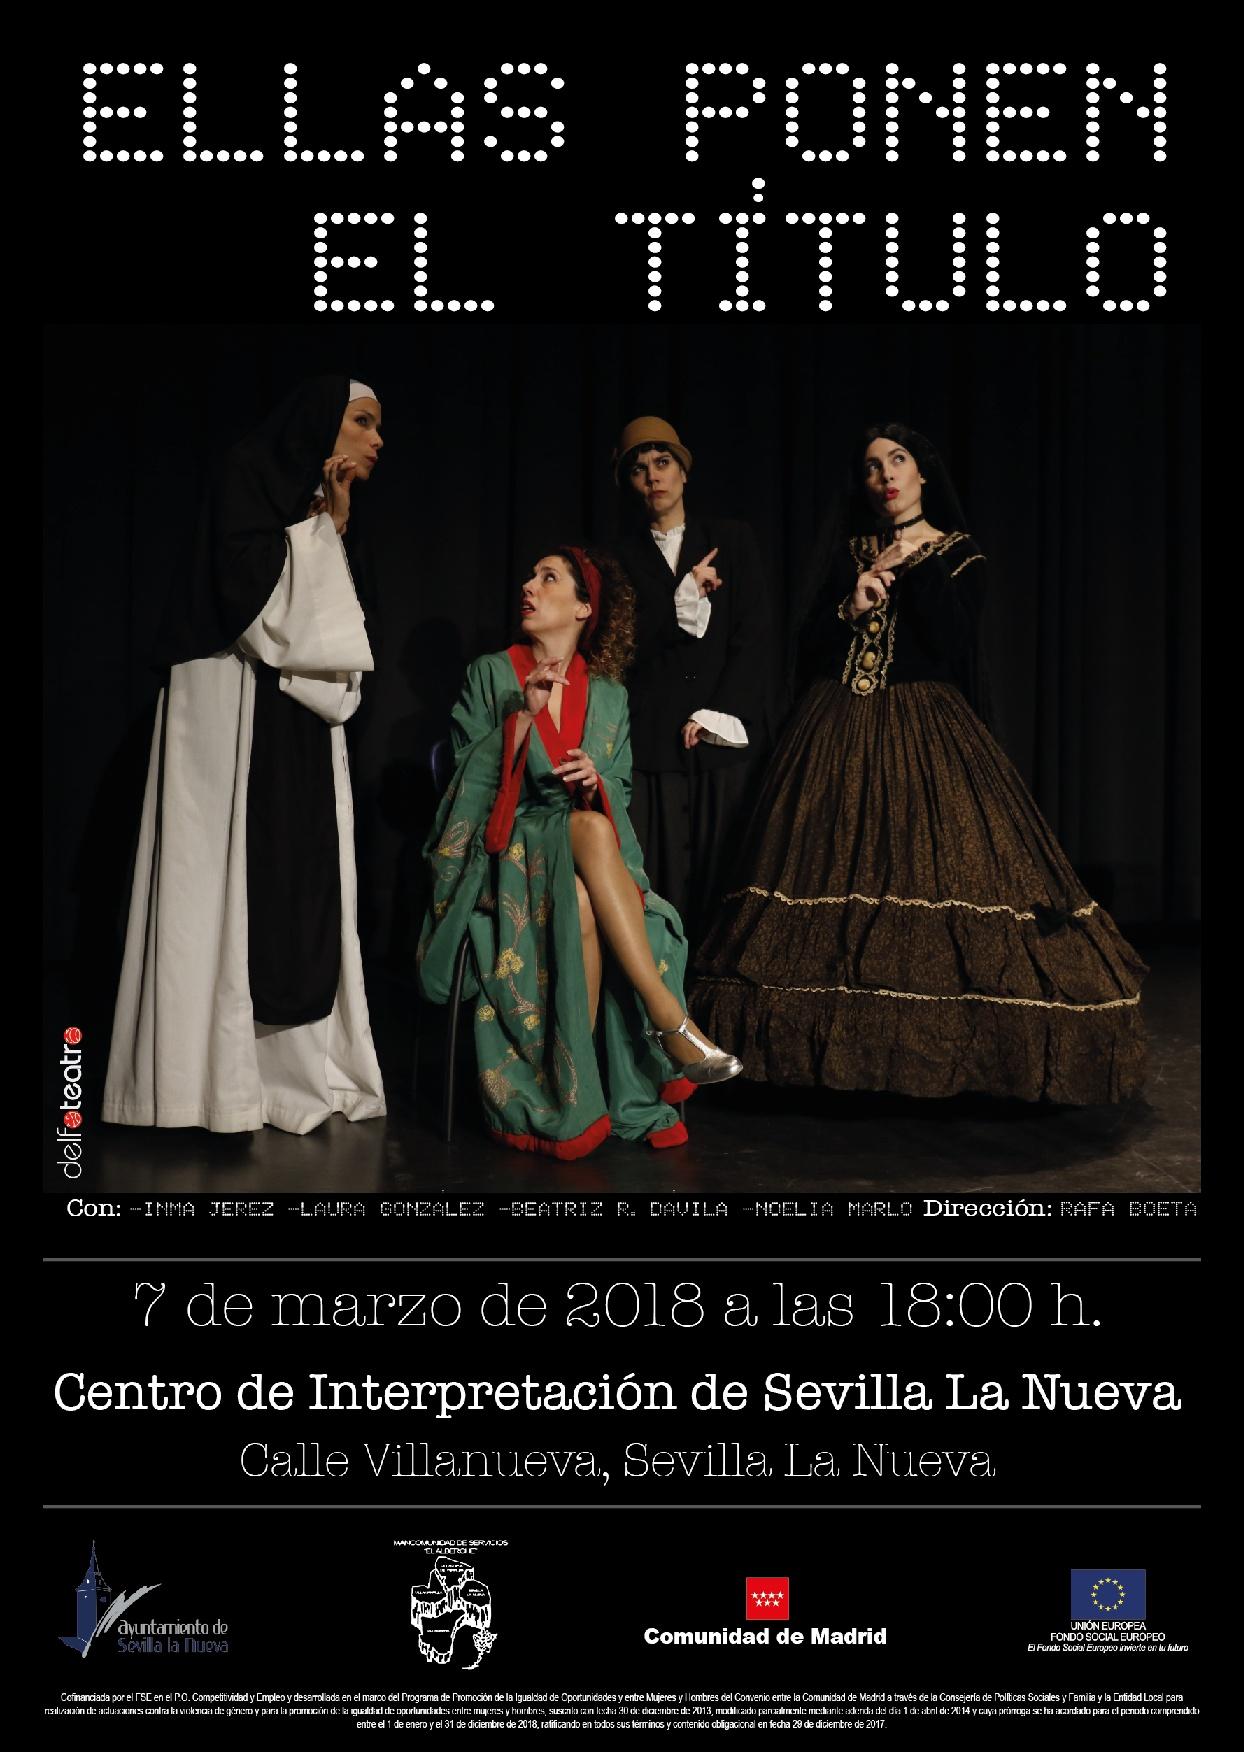 Teatro - Ellas ponen el título @ Centro de Interpretación